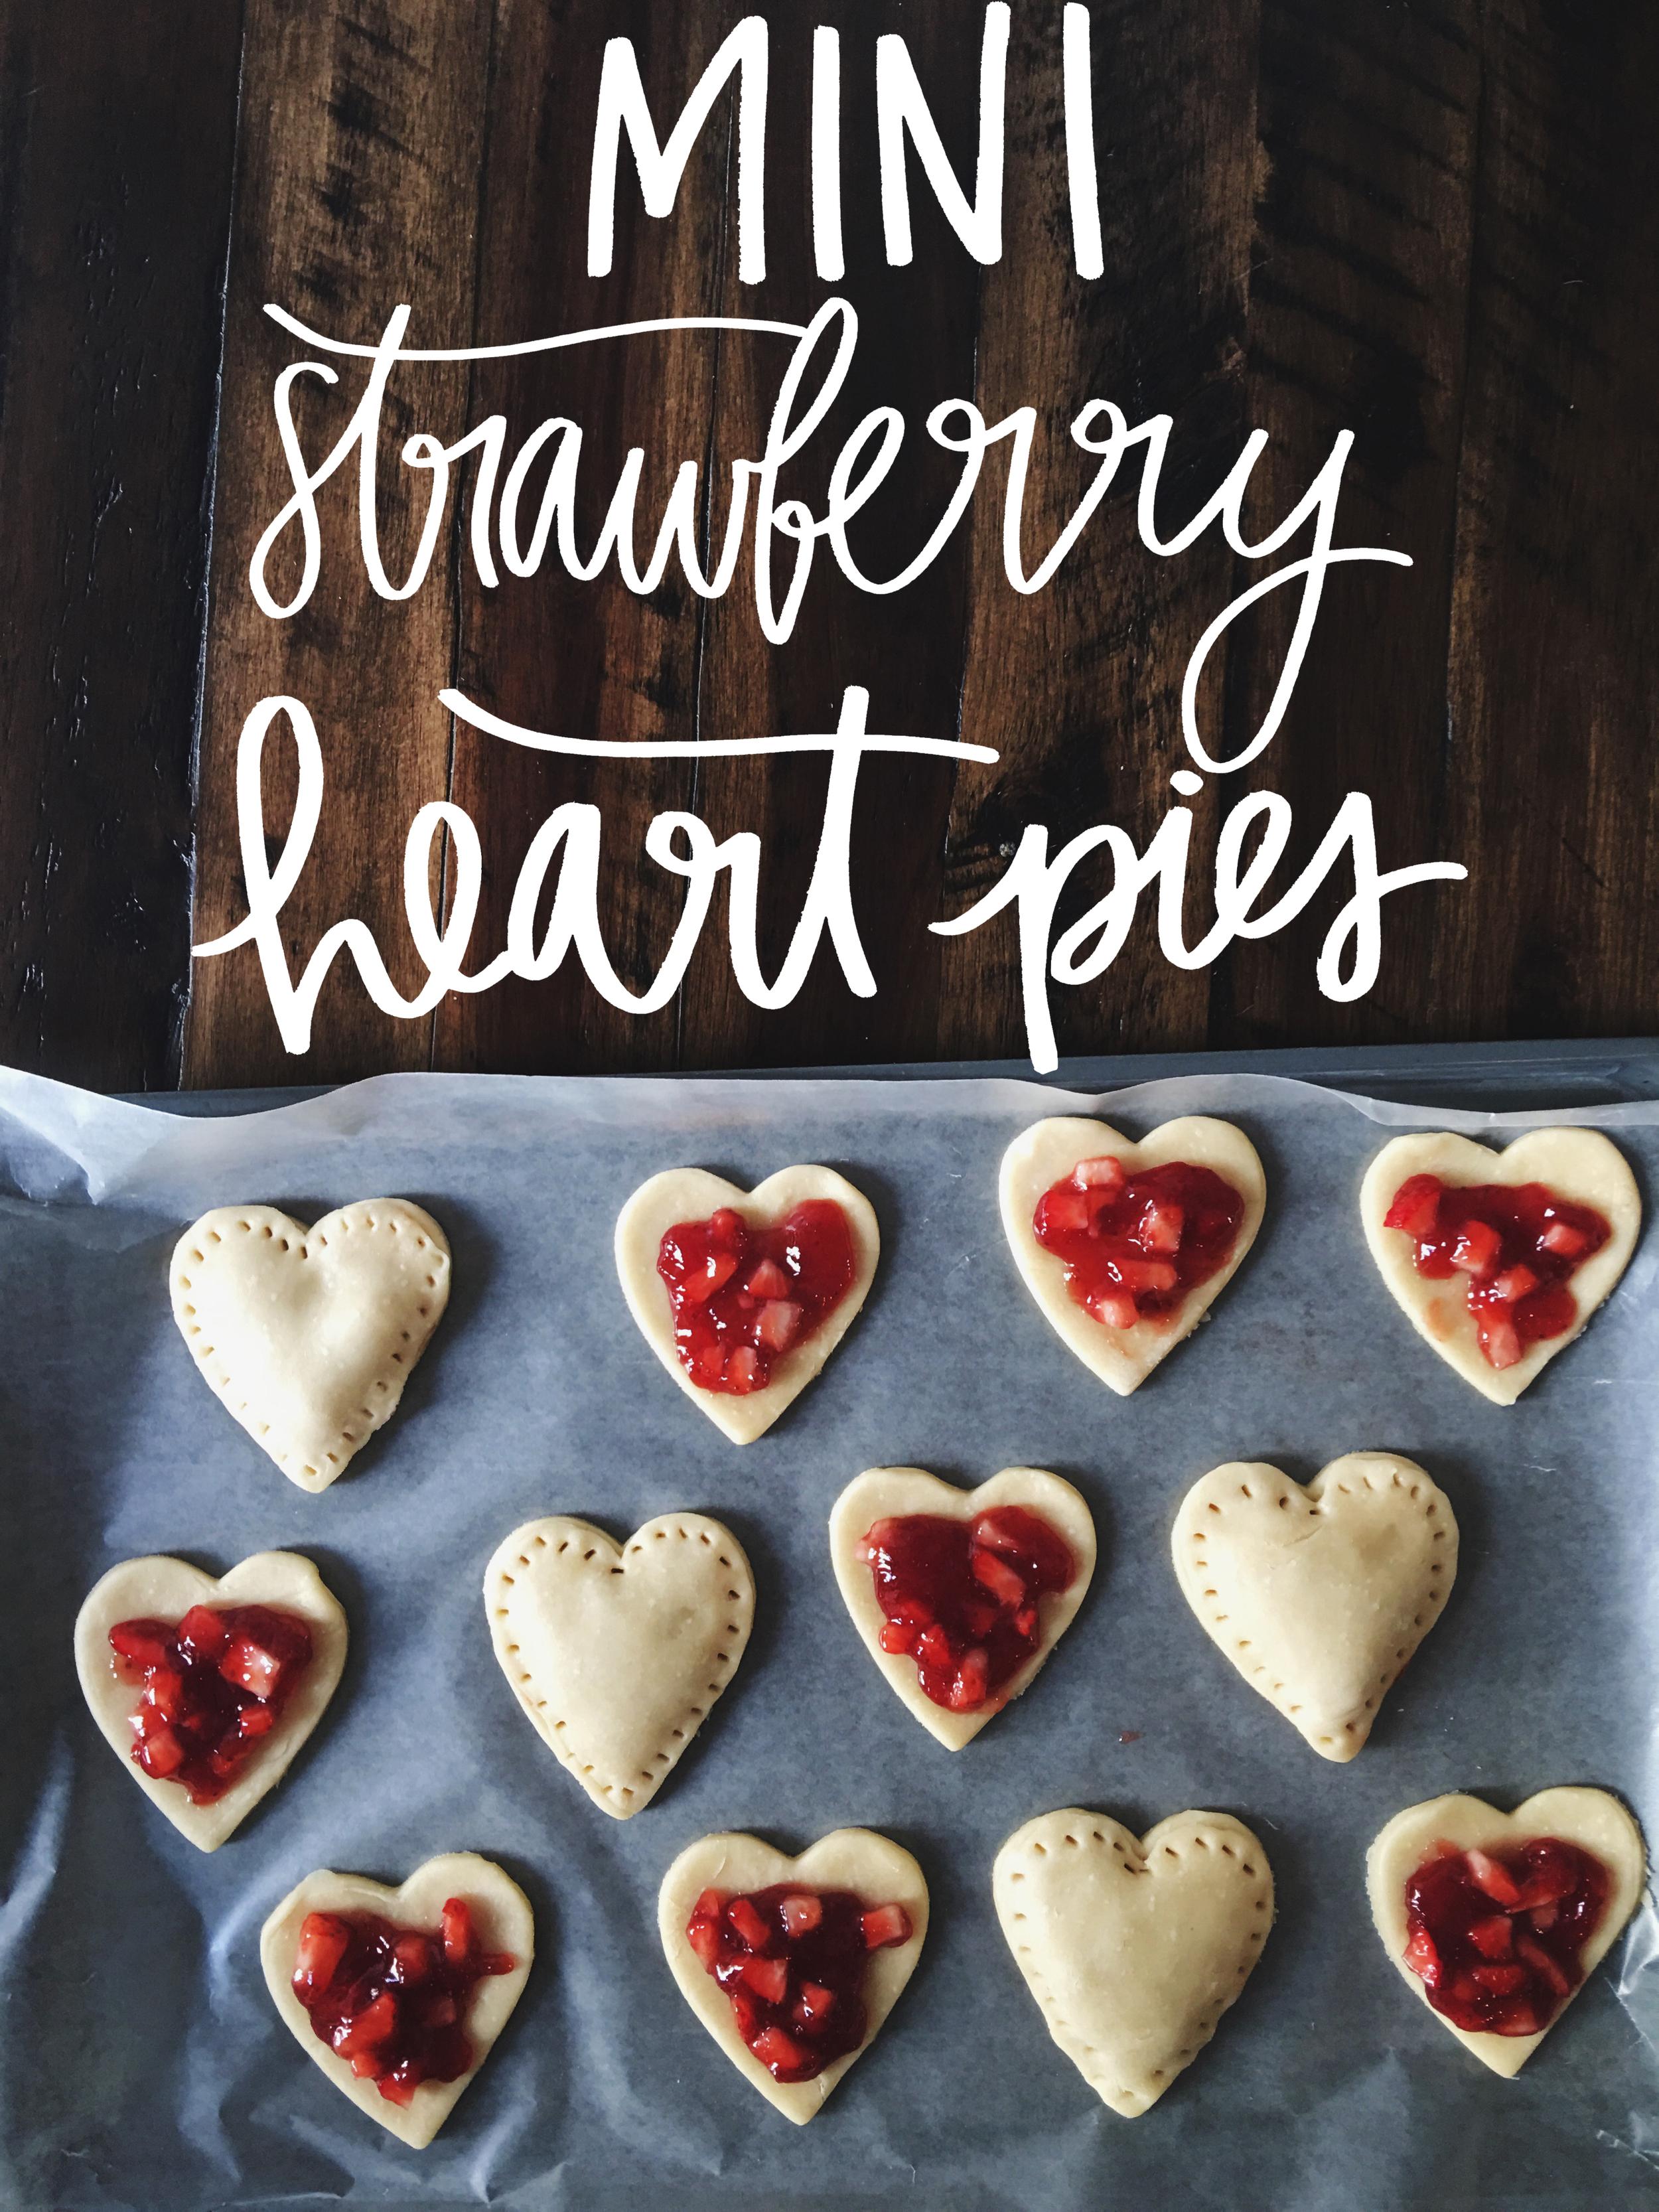 Mini Strawberry Pies www.chelceytate.com